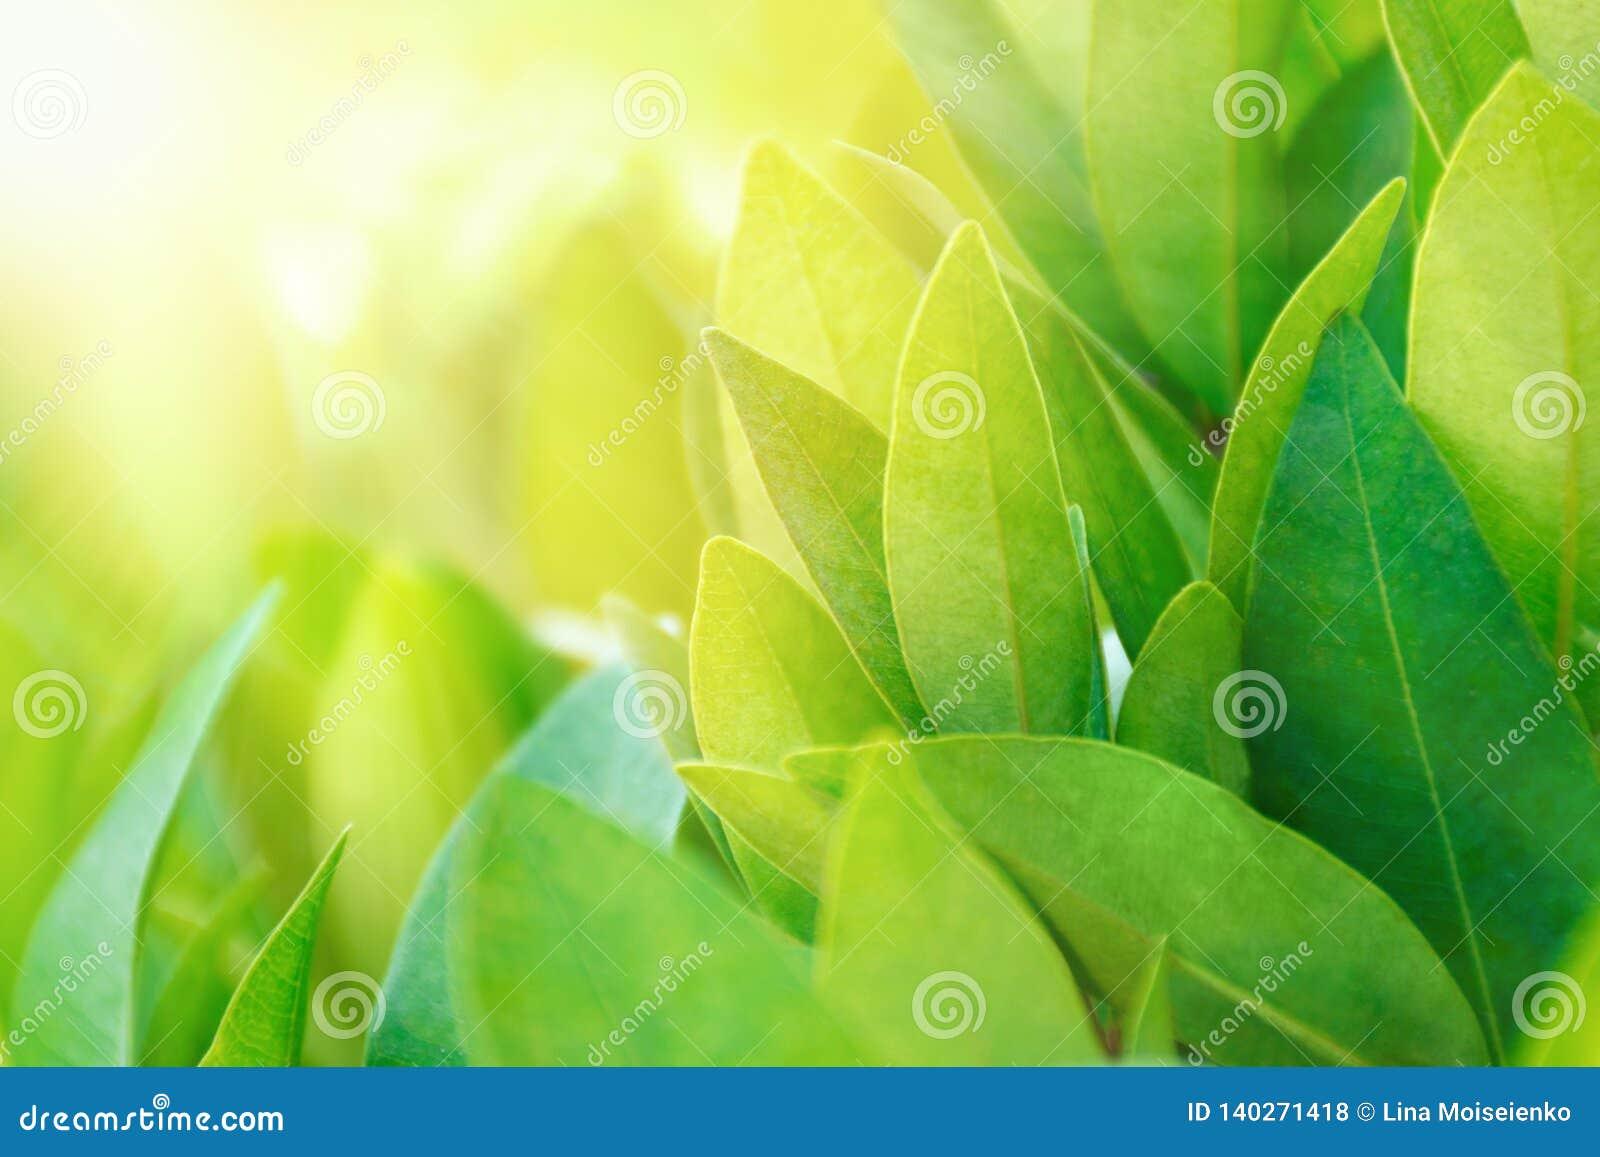 在种植园的茶叶阳光射线的 新鲜的绿茶灌木